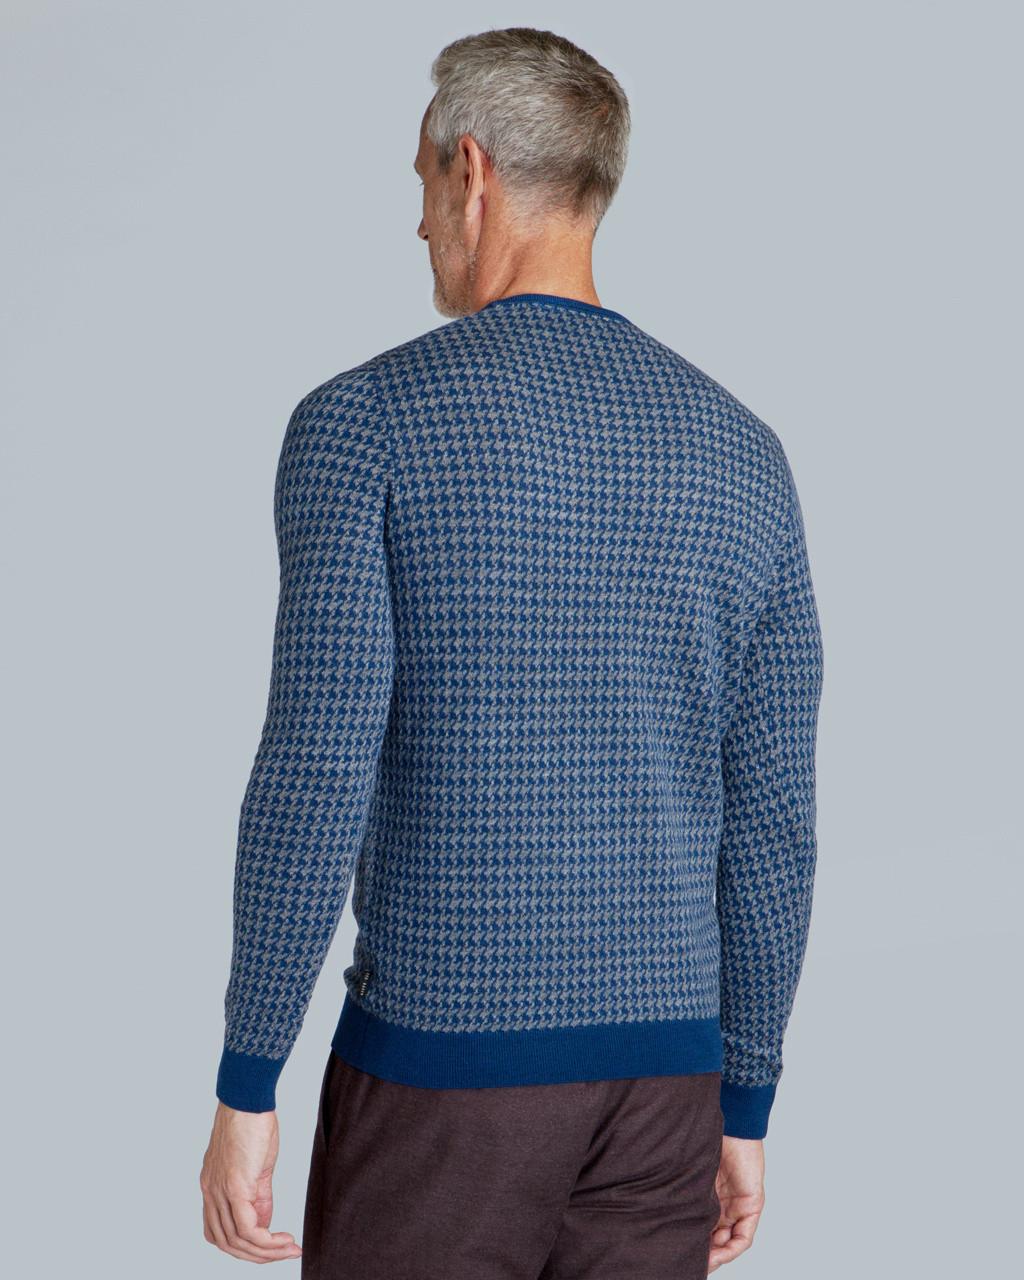 8b2322bcfae80 Lyst - Ted Baker Dogtooth Pattern Jumper in Blue for Men